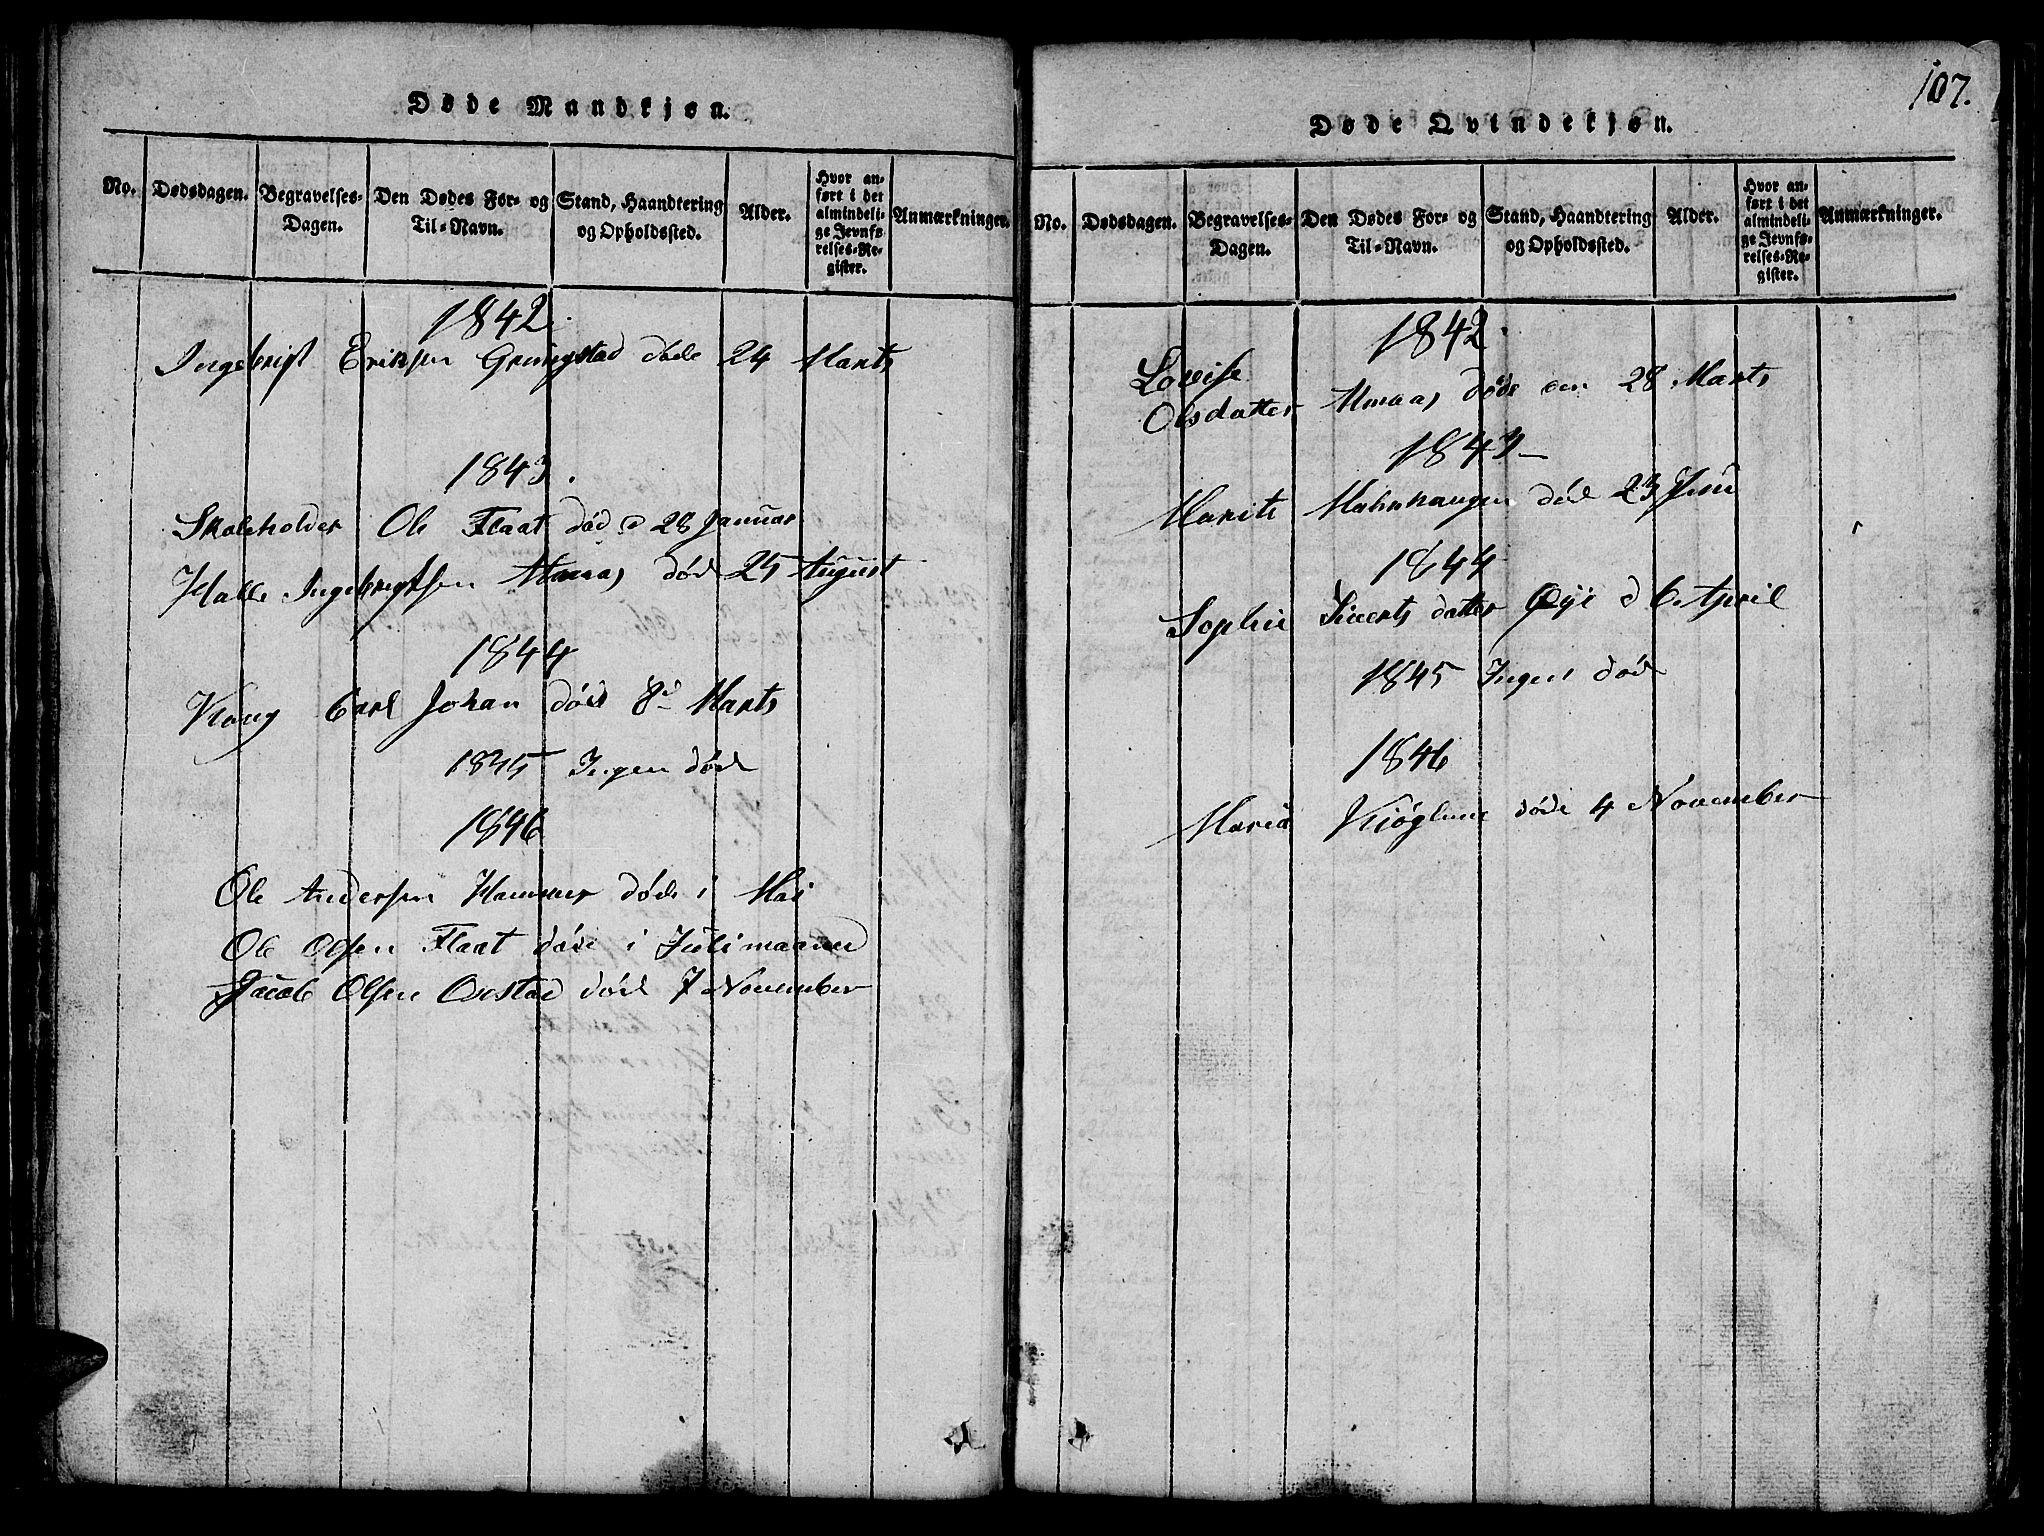 SAT, Ministerialprotokoller, klokkerbøker og fødselsregistre - Nord-Trøndelag, 765/L0562: Klokkerbok nr. 765C01, 1817-1851, s. 107